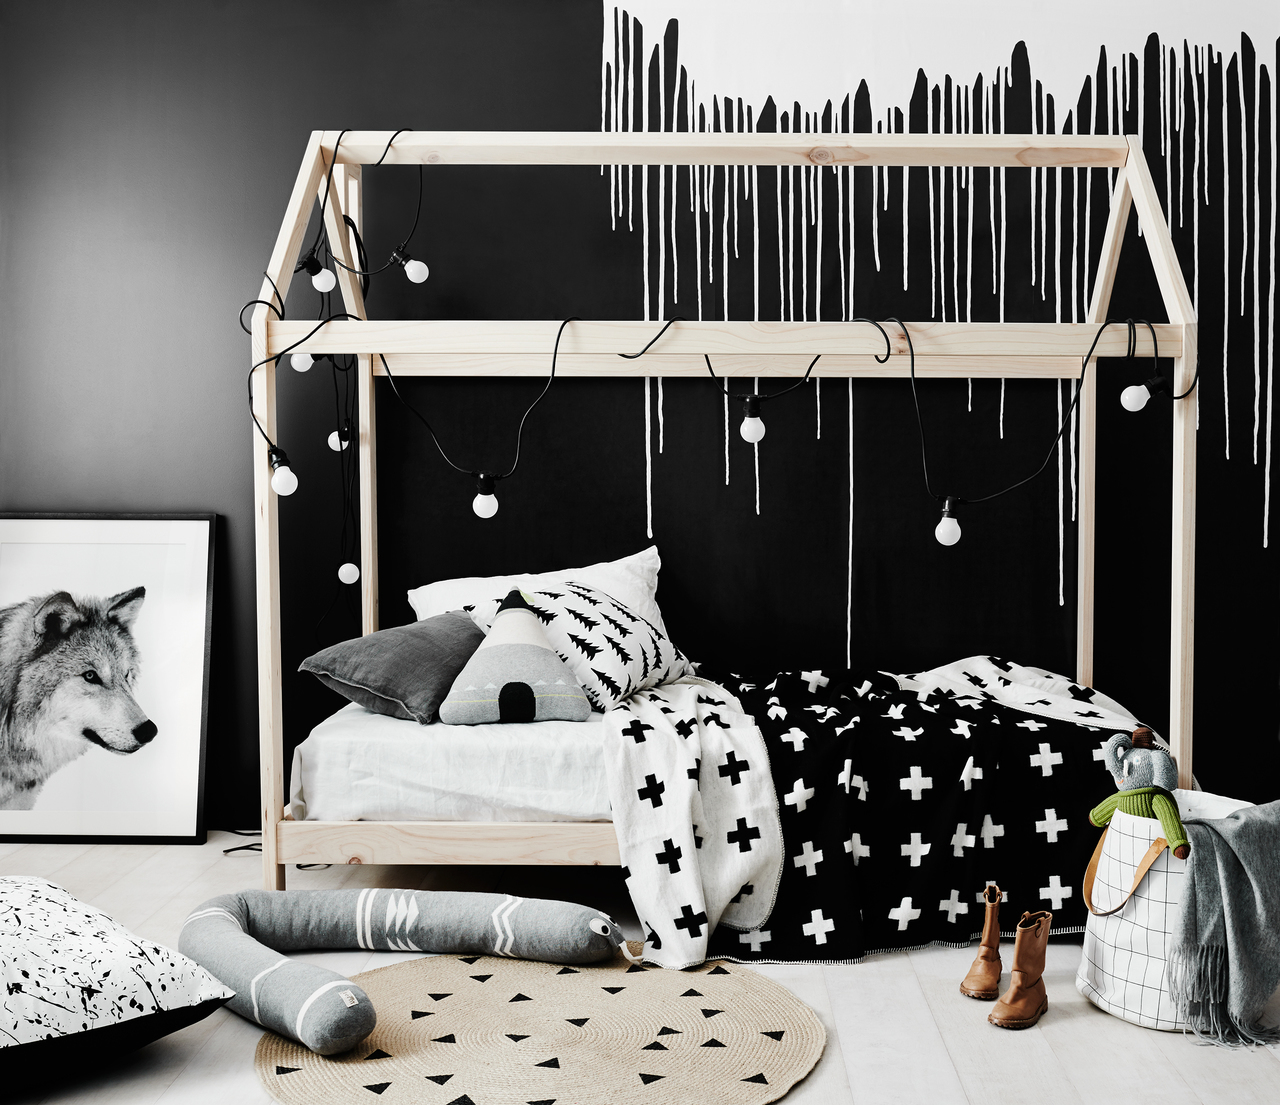 Heerlijk slapen in je eigen huisje - INTERIOR JUNKIE